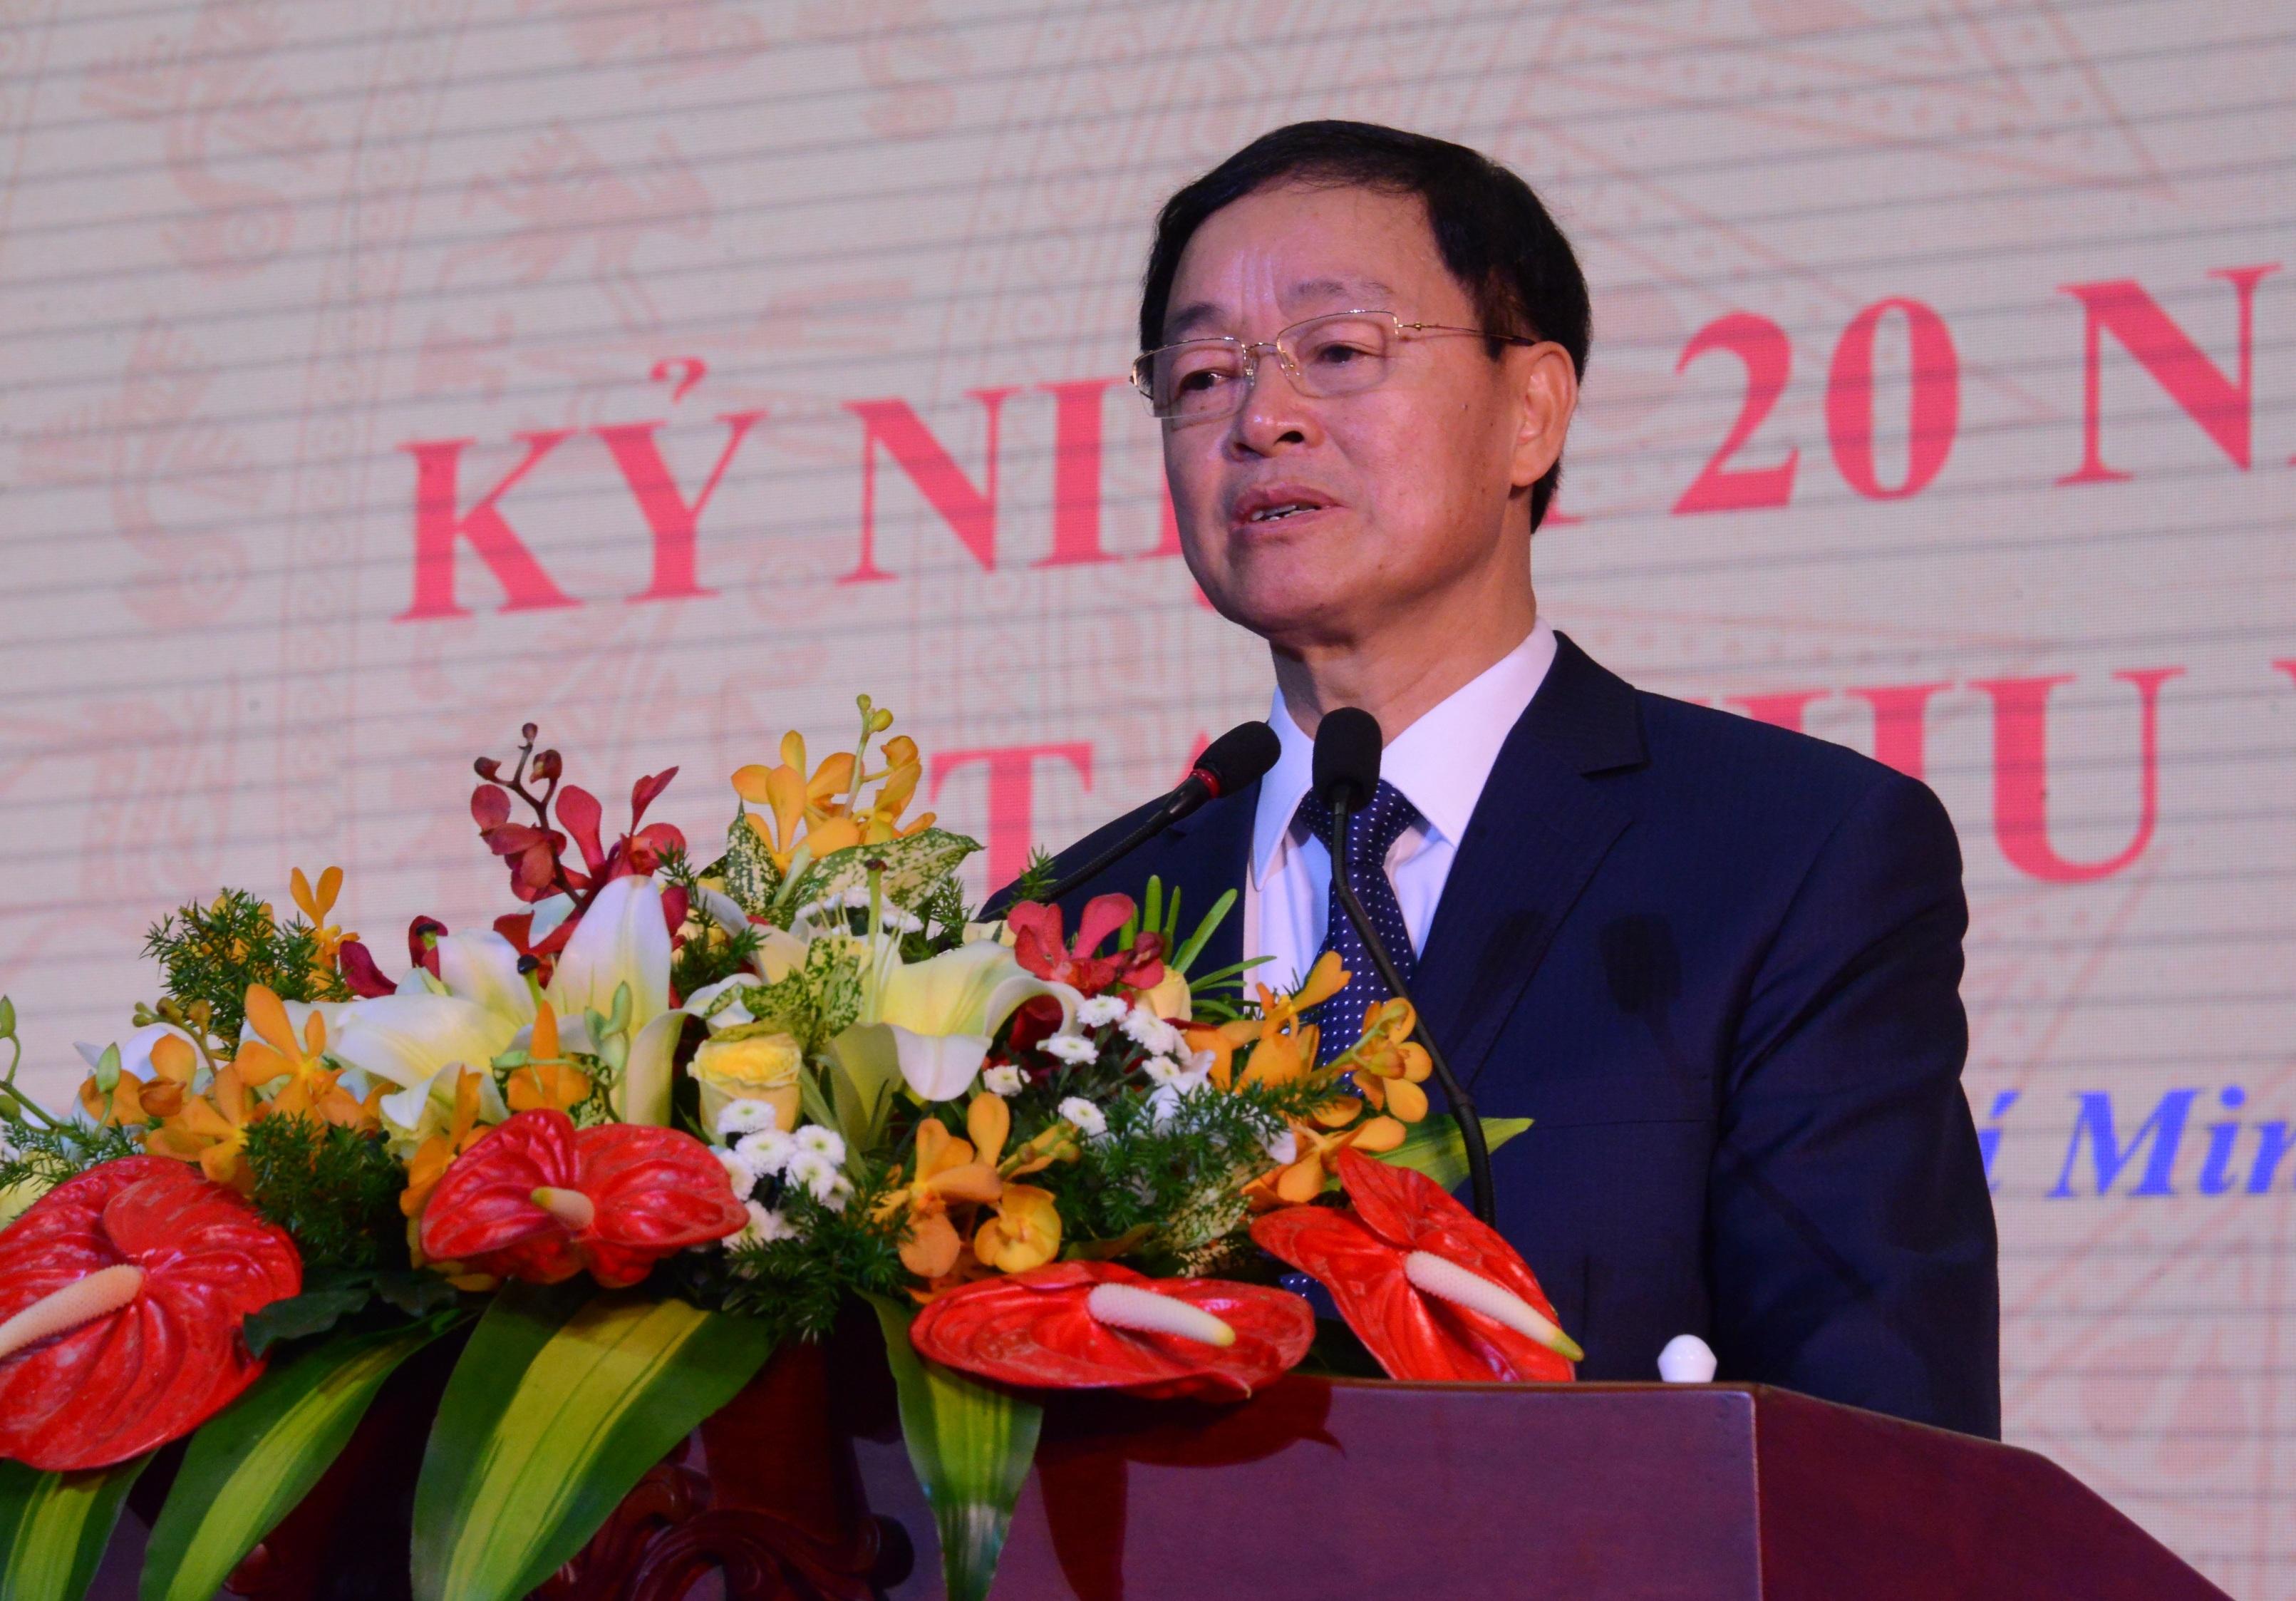 Thượng tướng Lê Hữu Đức - Chủ tịch Hội đồng quản trị MB phát biểu tại buổi lễ.